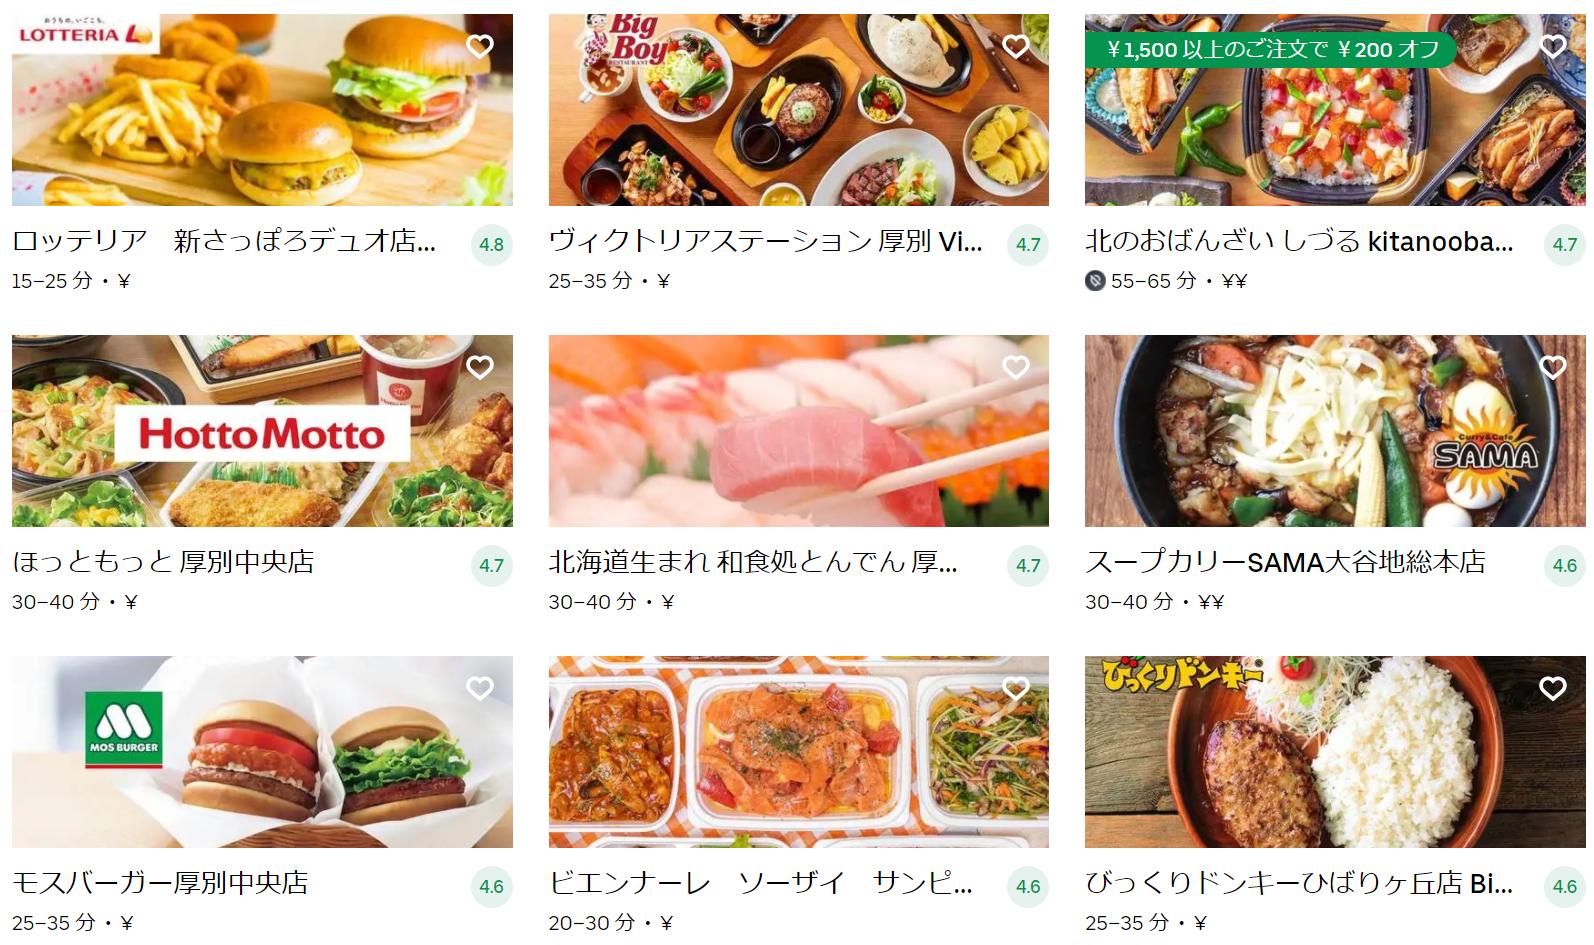 札幌市厚別区エリアのおすすめUber Eats(ウーバーイーツ)メニュー